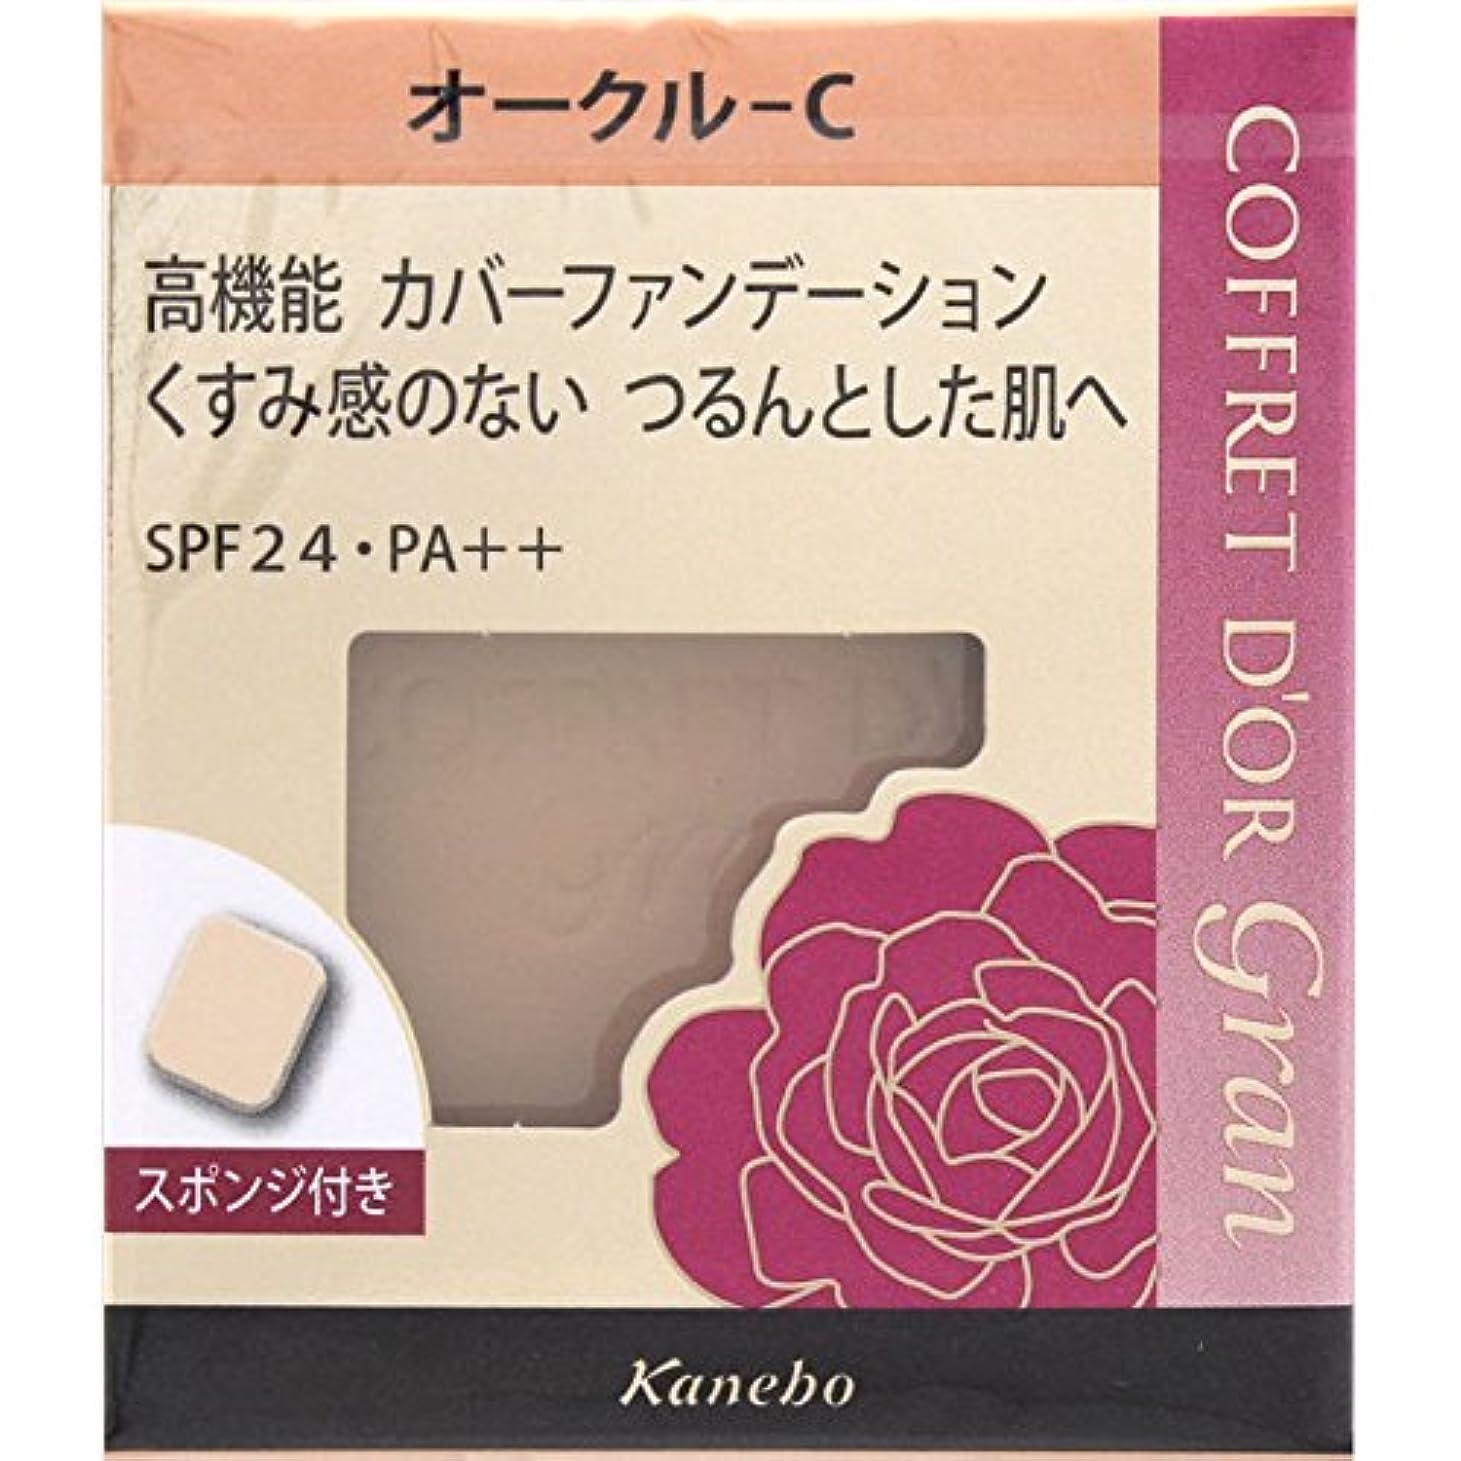 杭変化する買うカネボウ(Kanebo) コフレドールグランカバーフィットパクトUVII《10.5g》<カラー:オークルC>